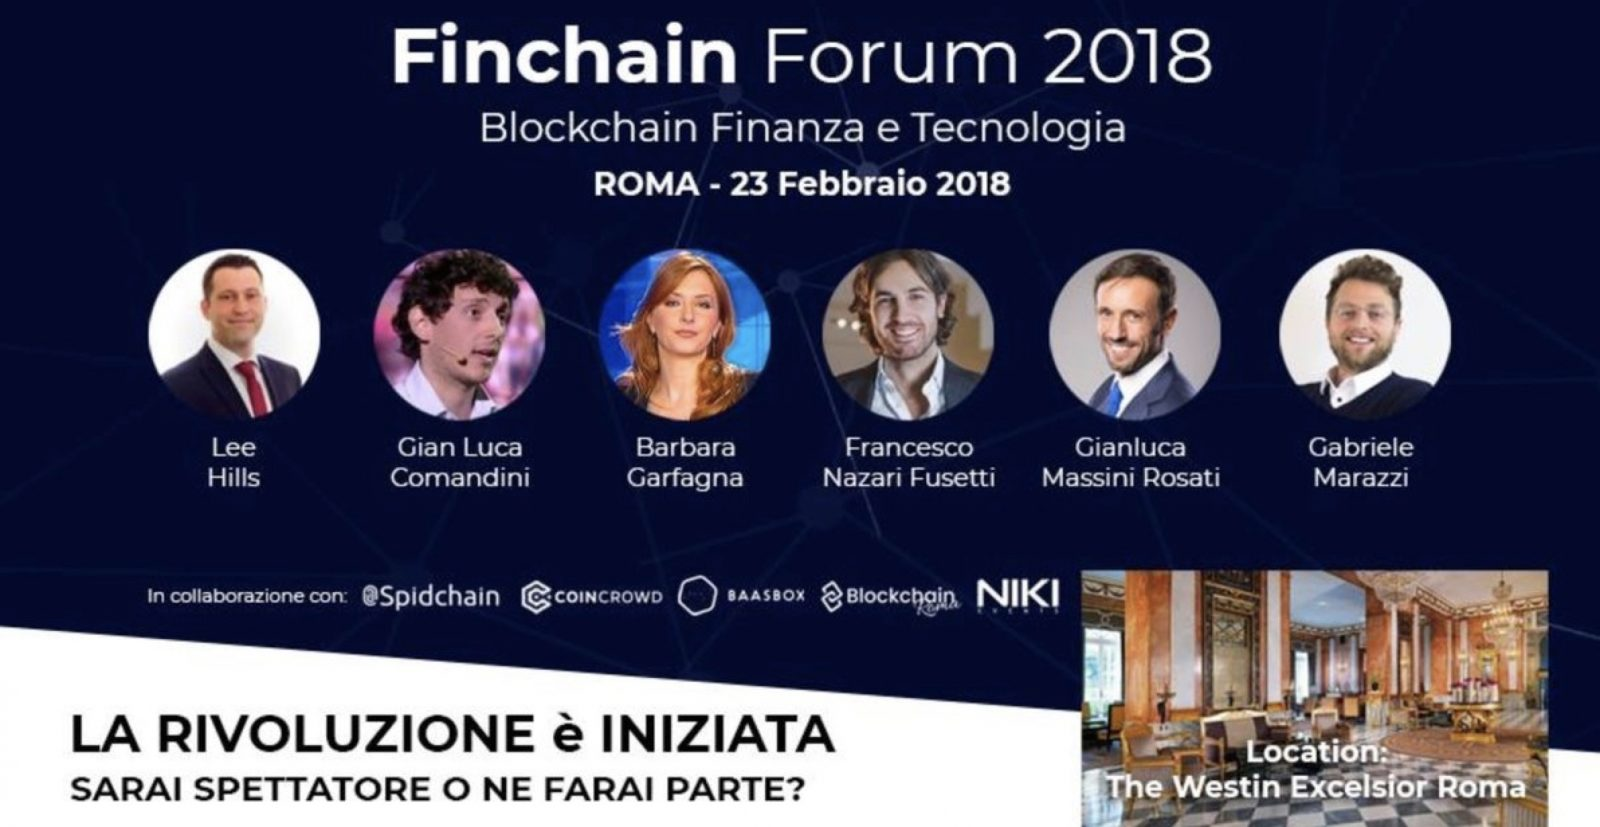 Finchain Forum 2018 con Barbara Carfagna - Finchain Forum 2018 con Barbara Carfagna: oltre 1.000 presenze in sala ed oltre 500 connessi in live streaming